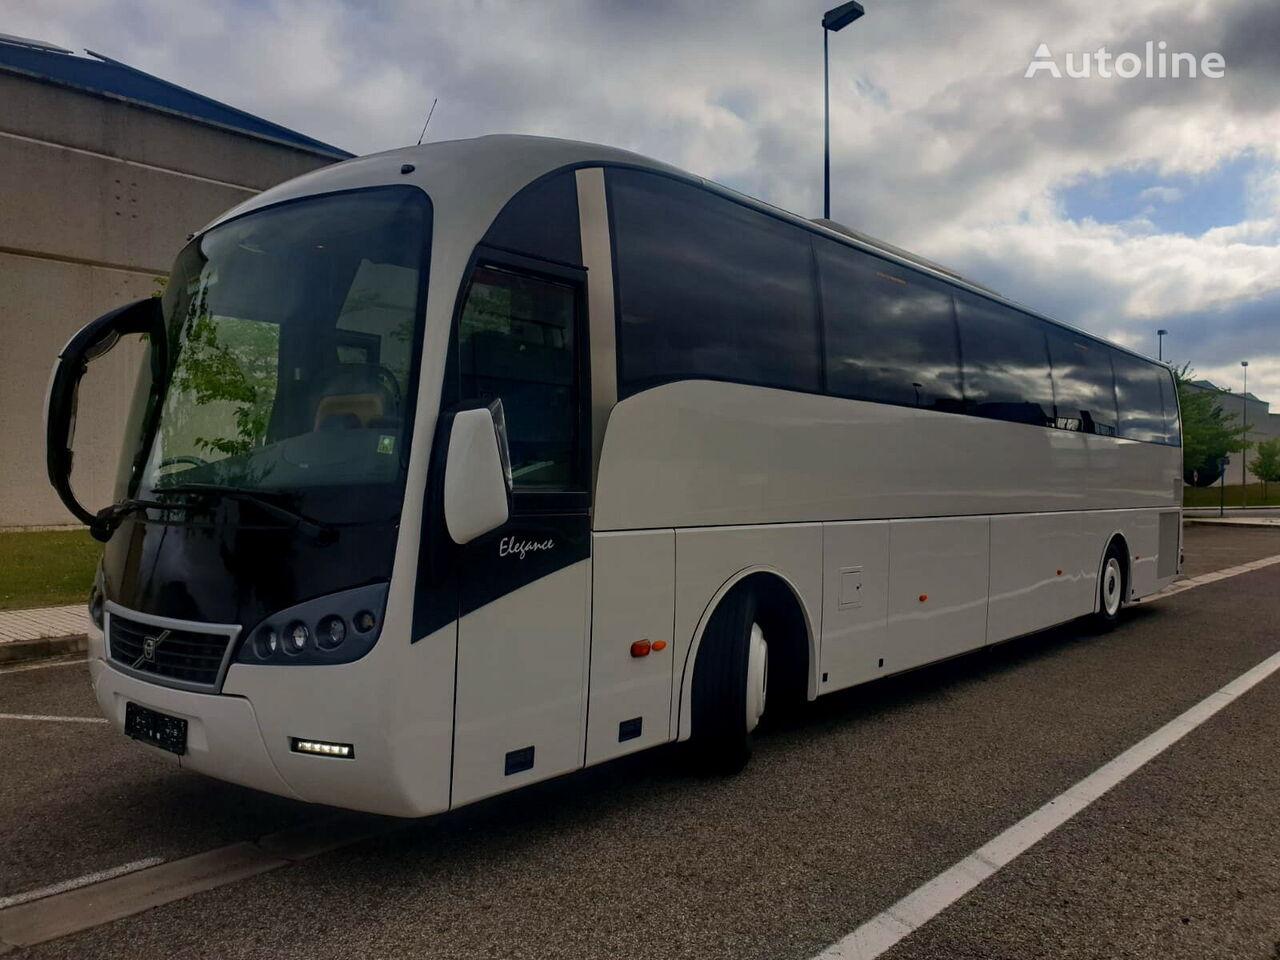 VOLVO SUNSUNDEGUI coach bus